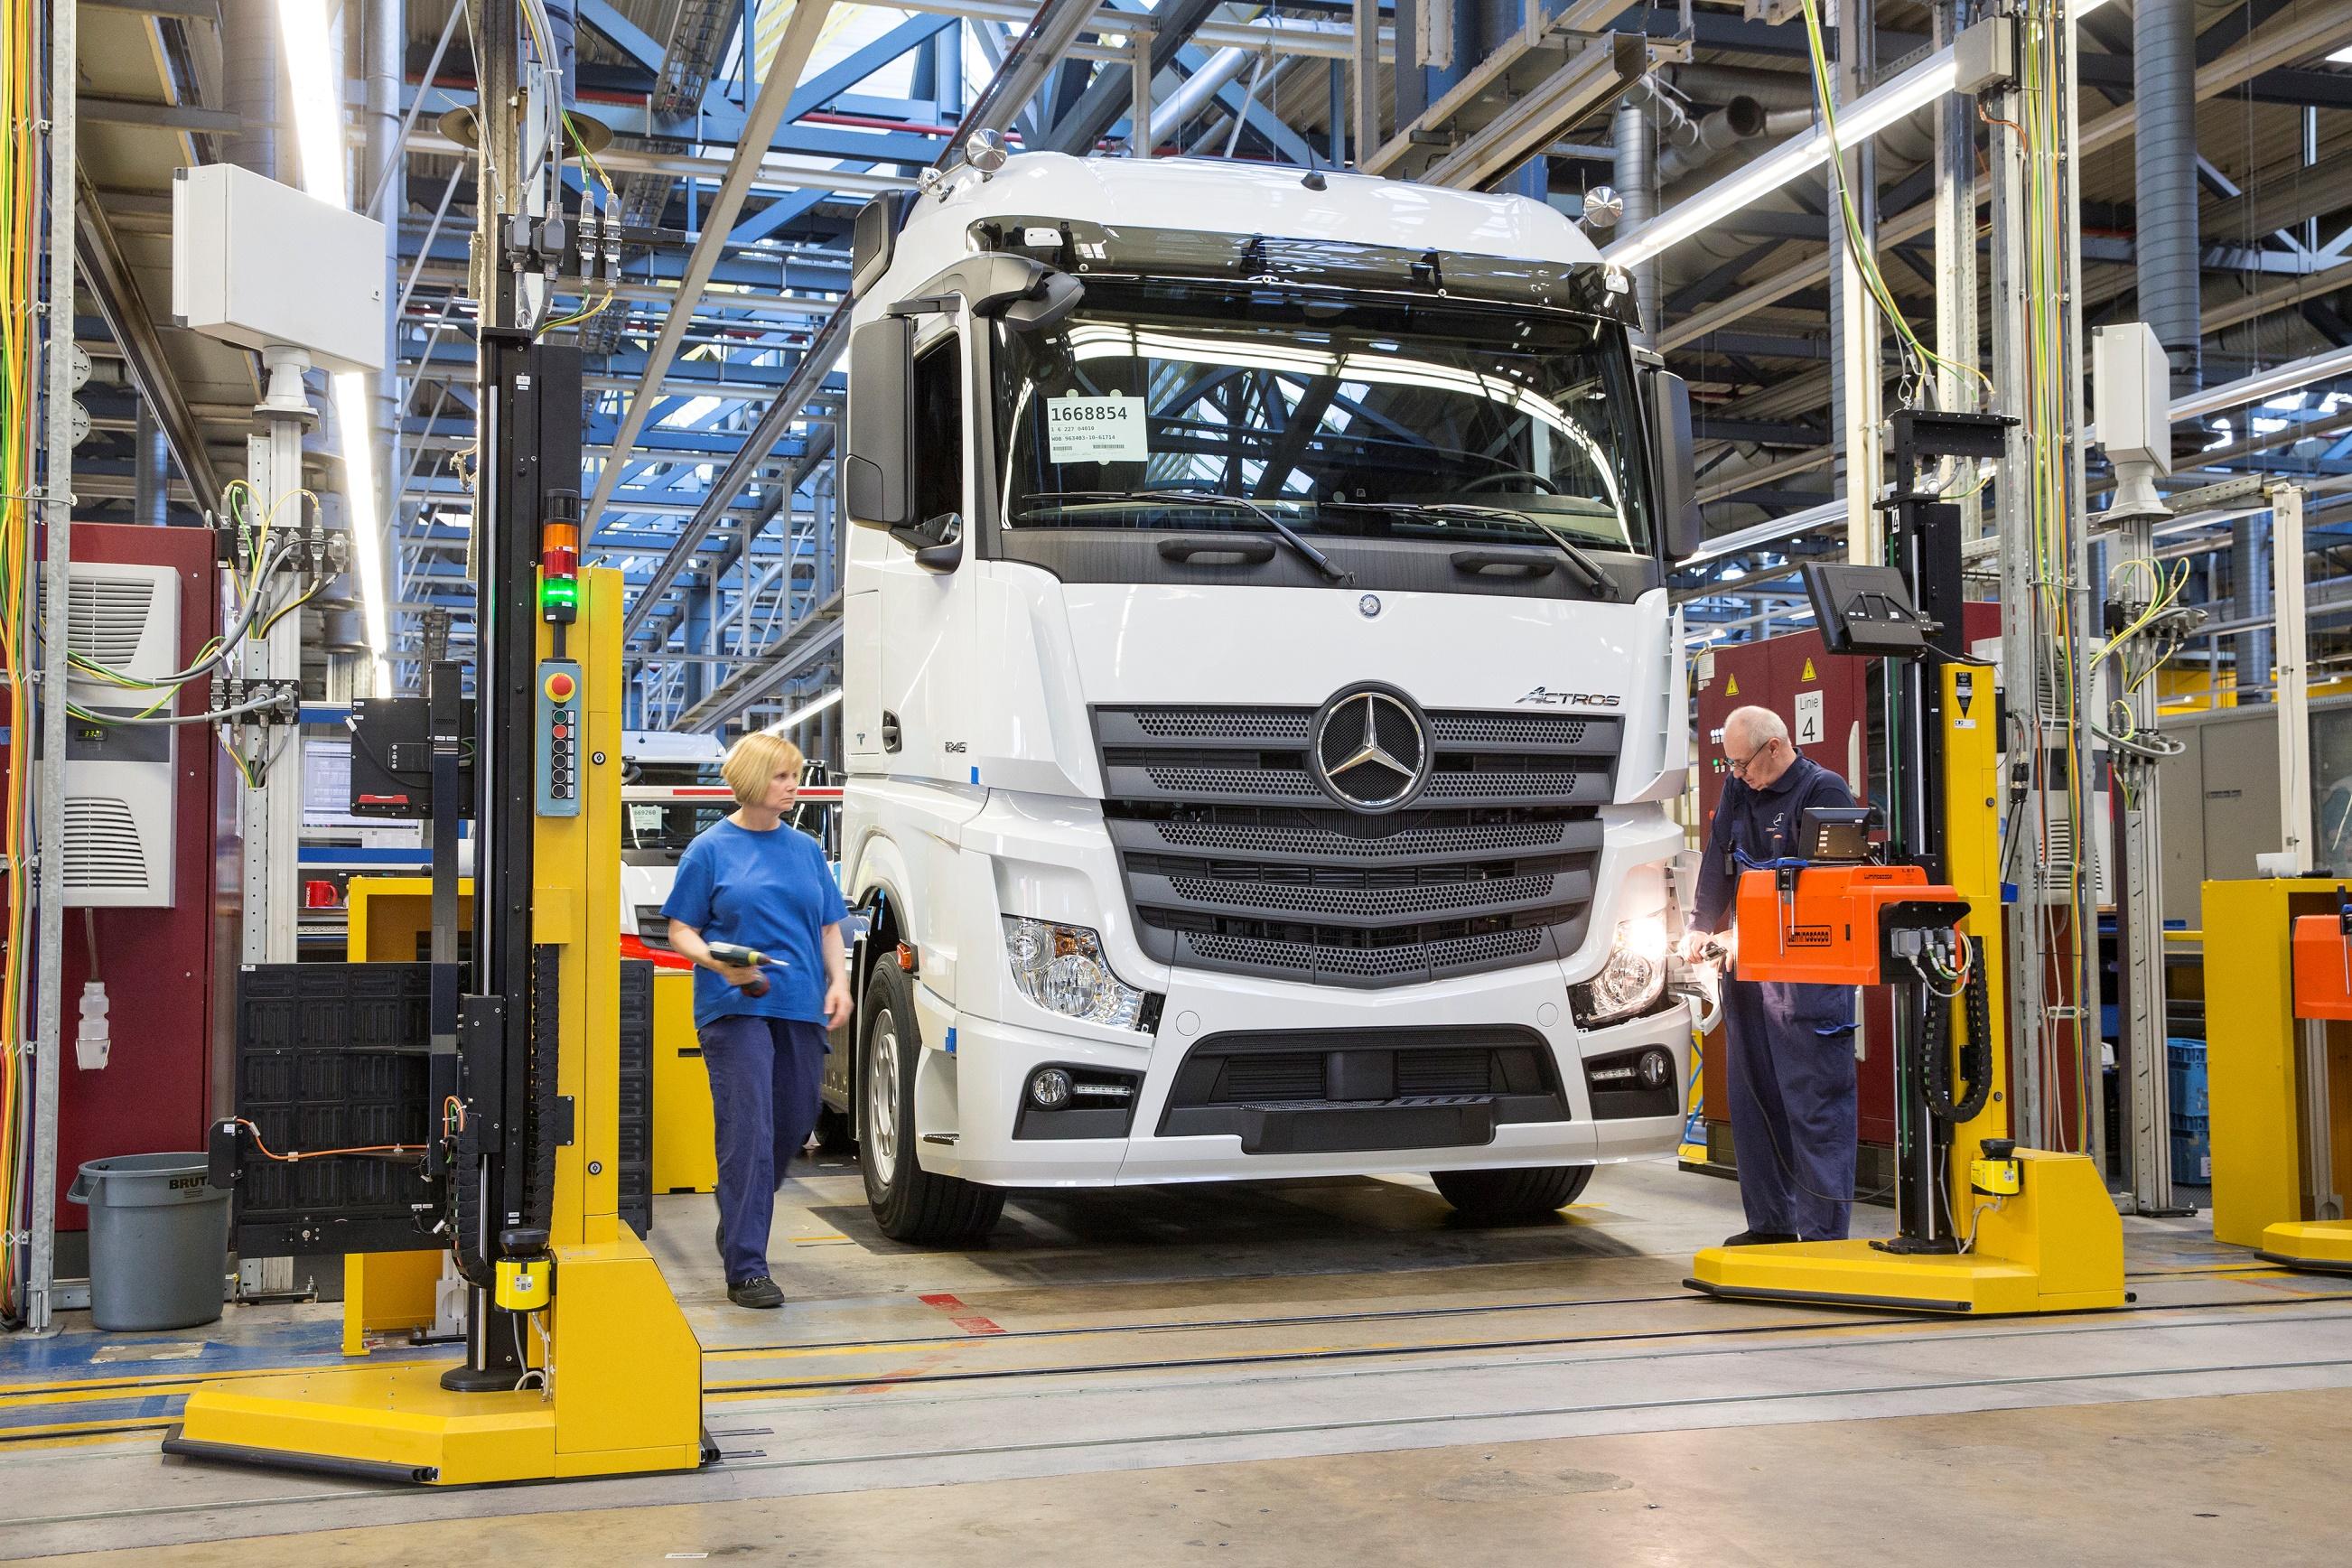 """زيارة إلى مصنع """"Worth""""  الألمانى لشاحنات مرسيدس  """"تفوق ... بلا حدود"""""""